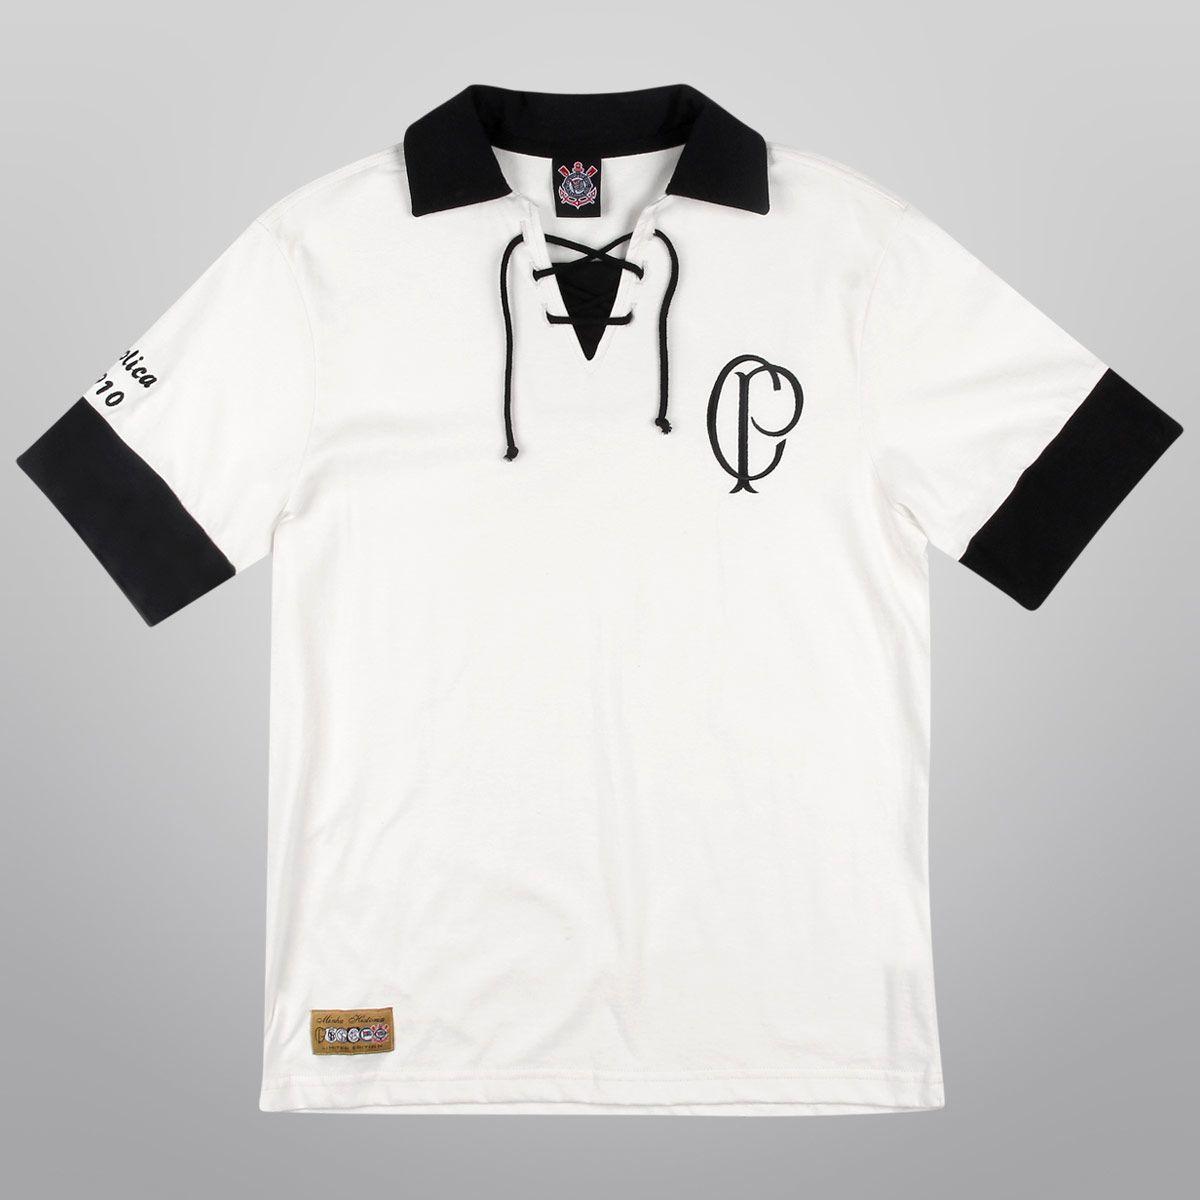 Camiseta Retrô Corinthians - Réplica 1910 - Shoptimão  55f8038f62db1